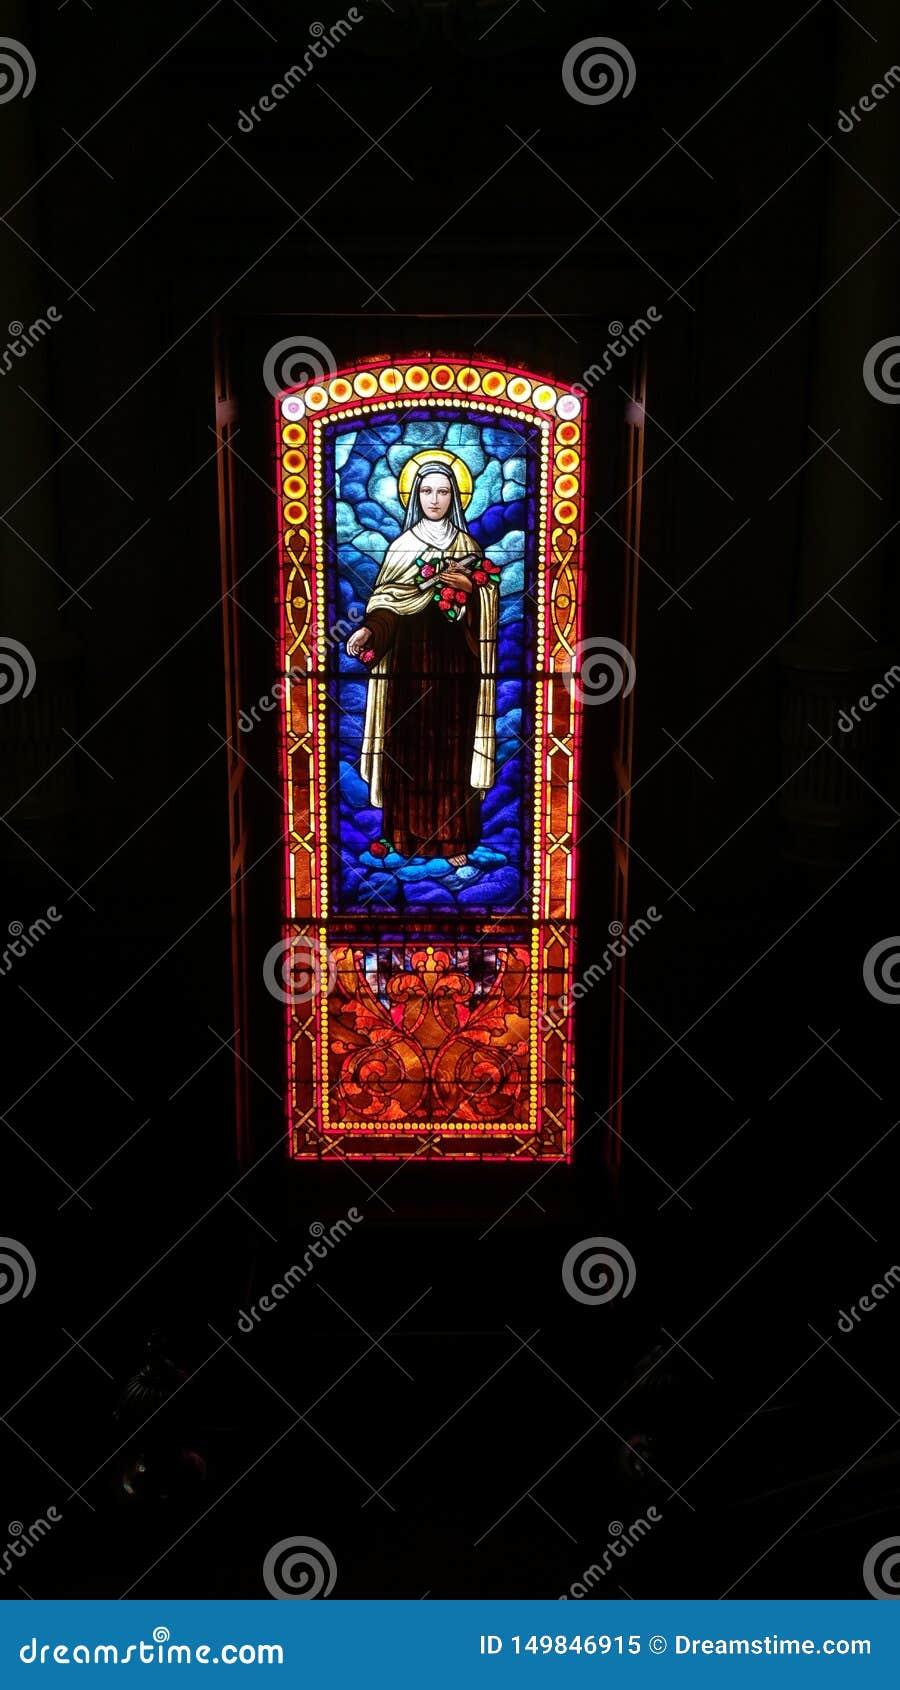 Θρησκευτικό λεκιασμένο γυαλί